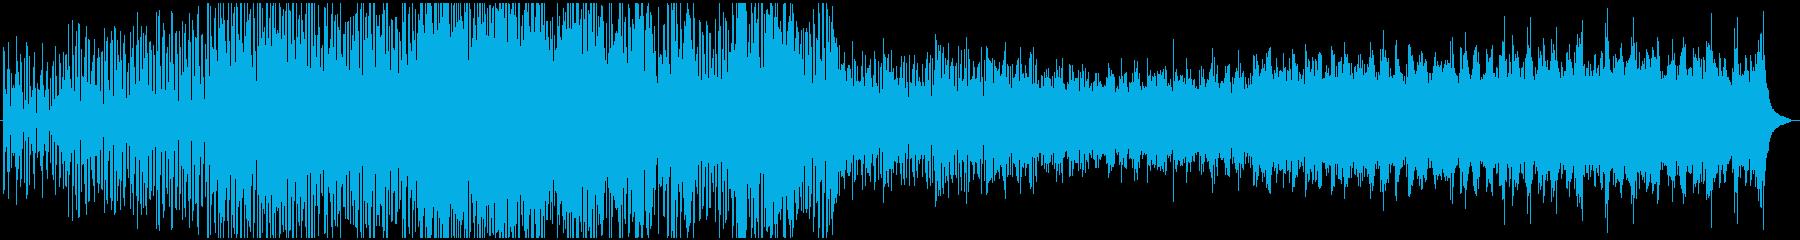 マリンバを中心としたミニマル風の曲です。の再生済みの波形